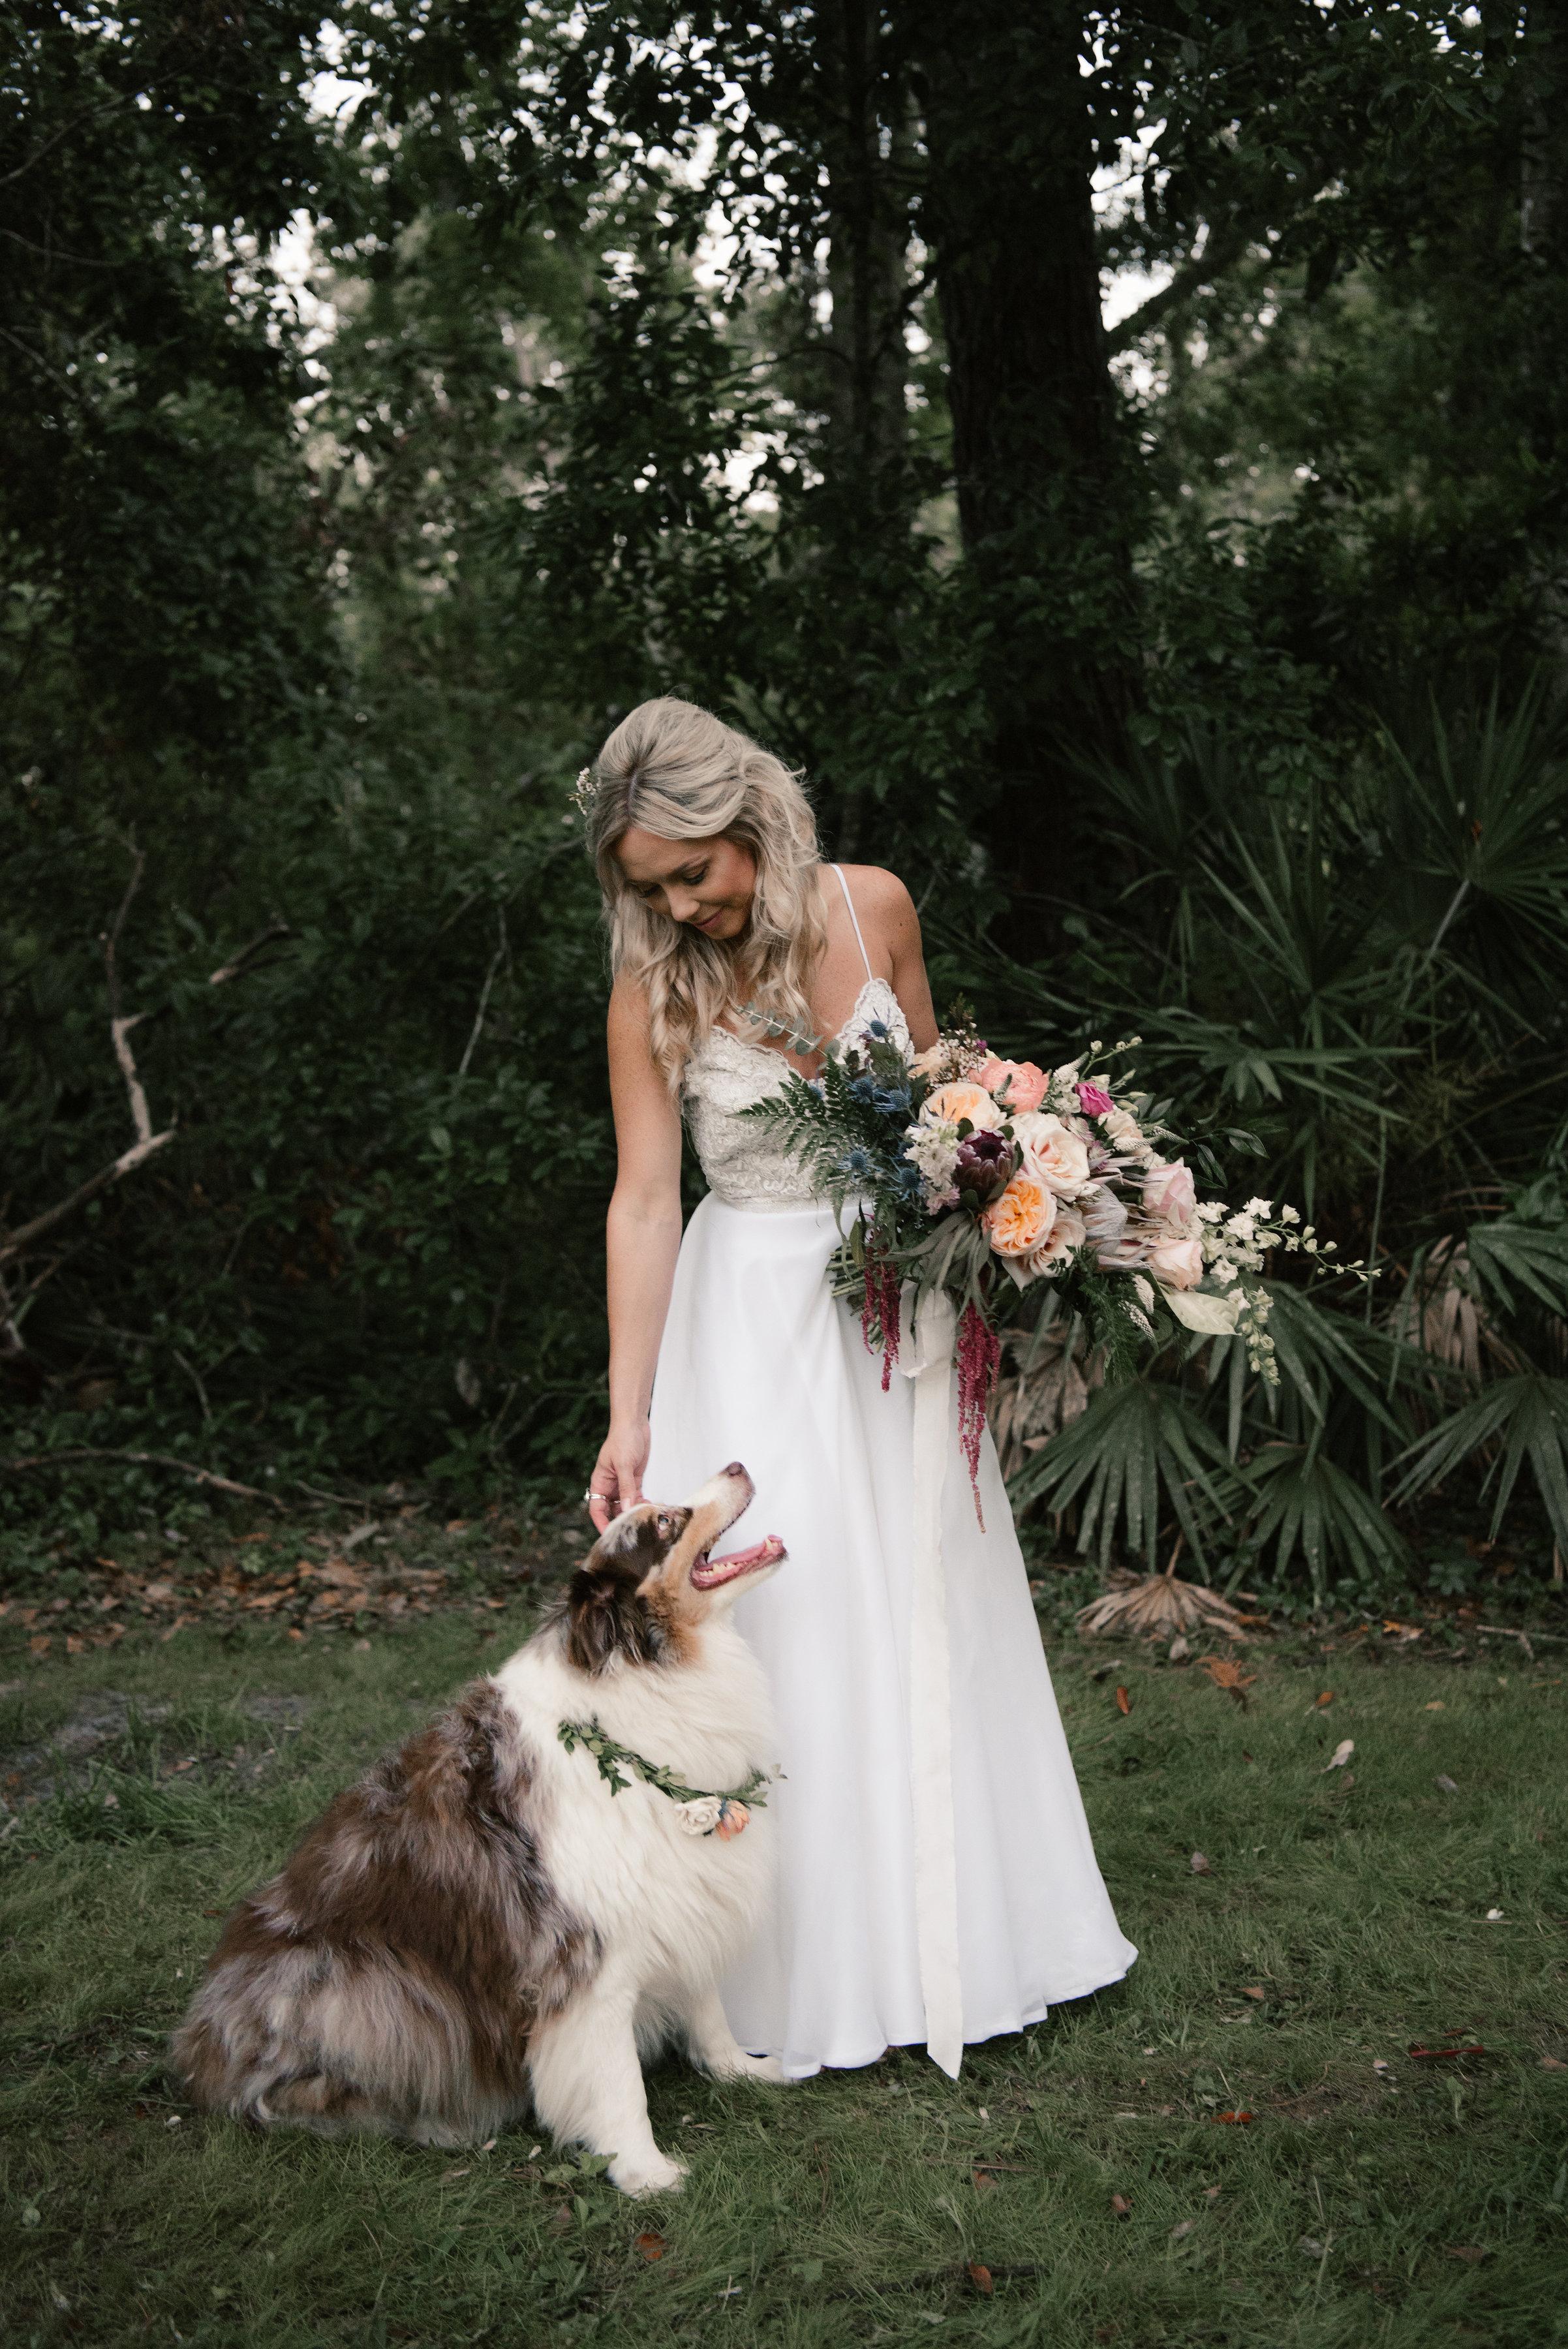 michelle-ronnie-backyard-wedding-689.jpg